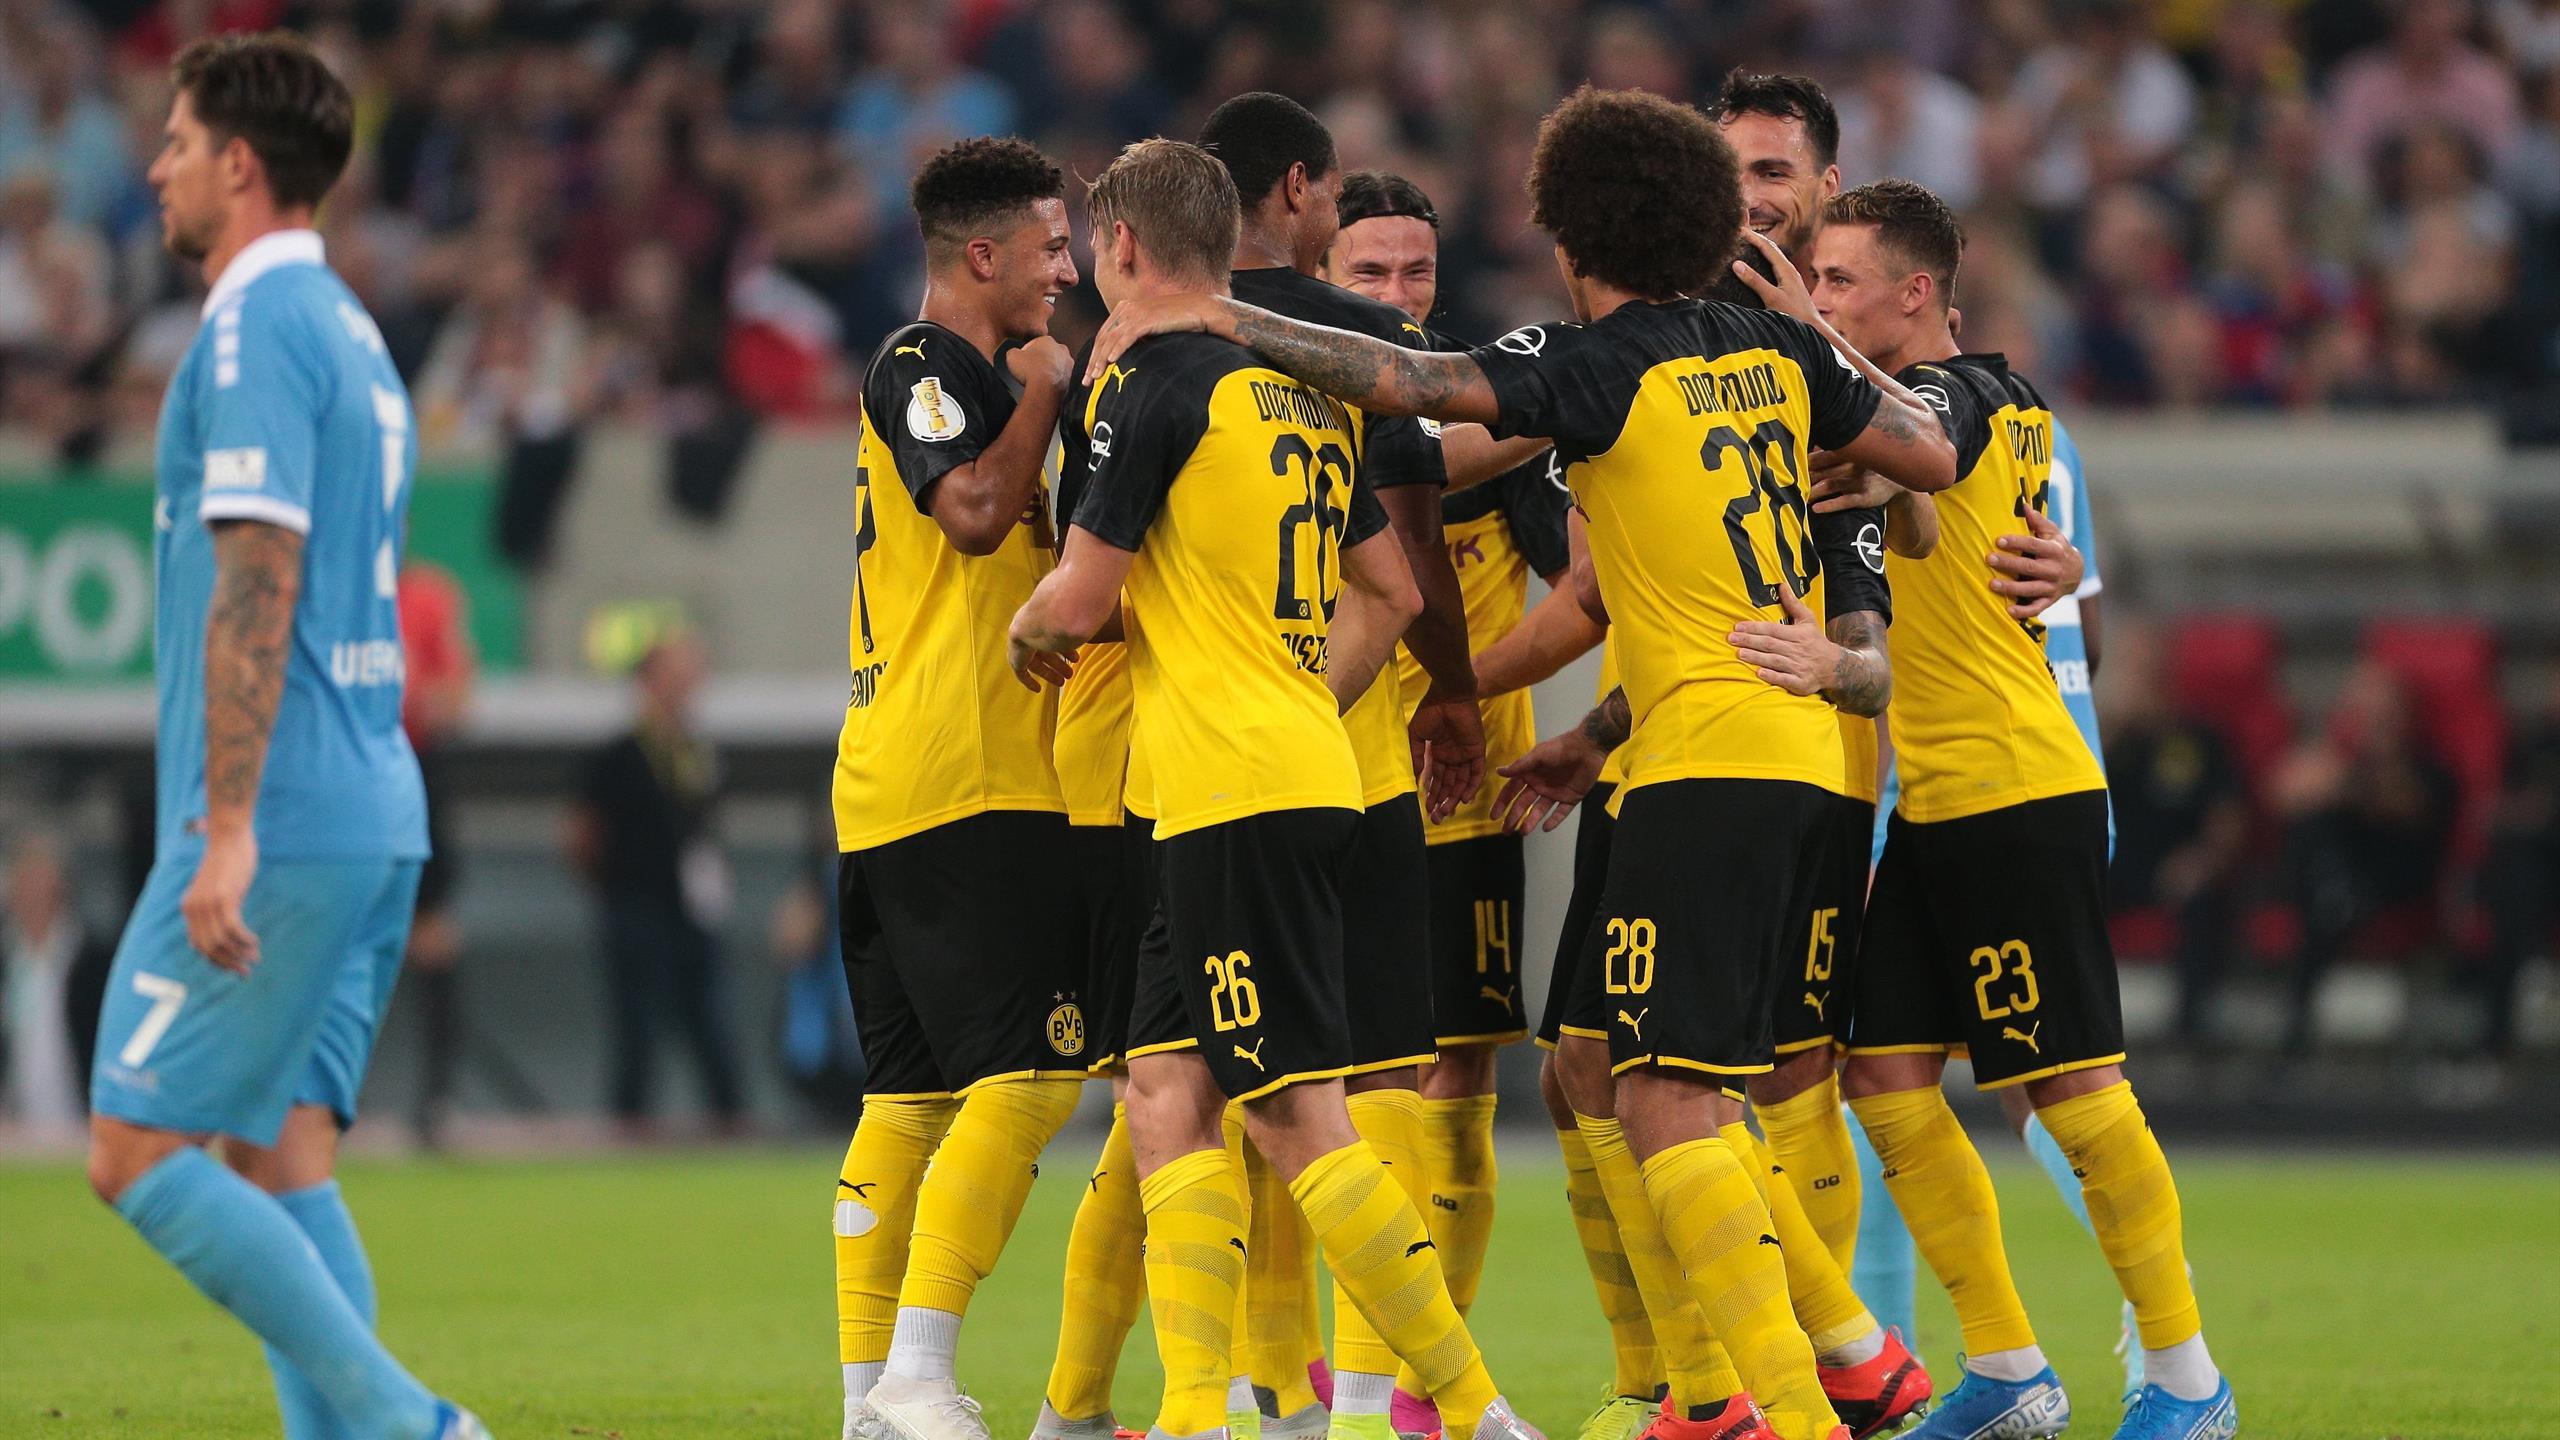 Euroleague Dortmund